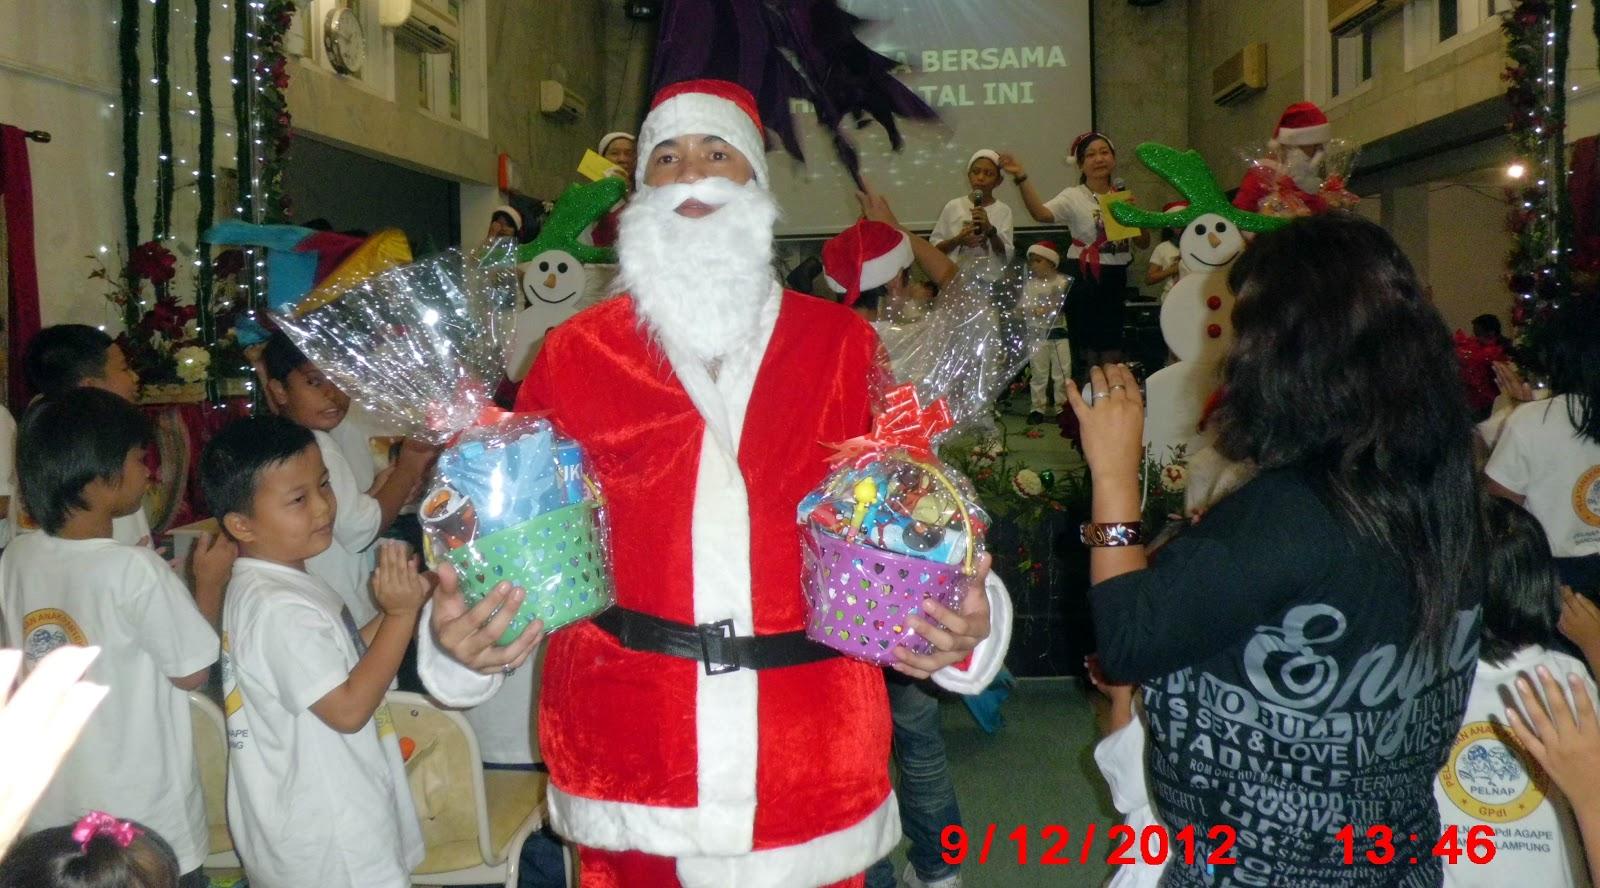 datang membawa hadiah untuk anak-anak yang rajin dan baik. Ho ho ho